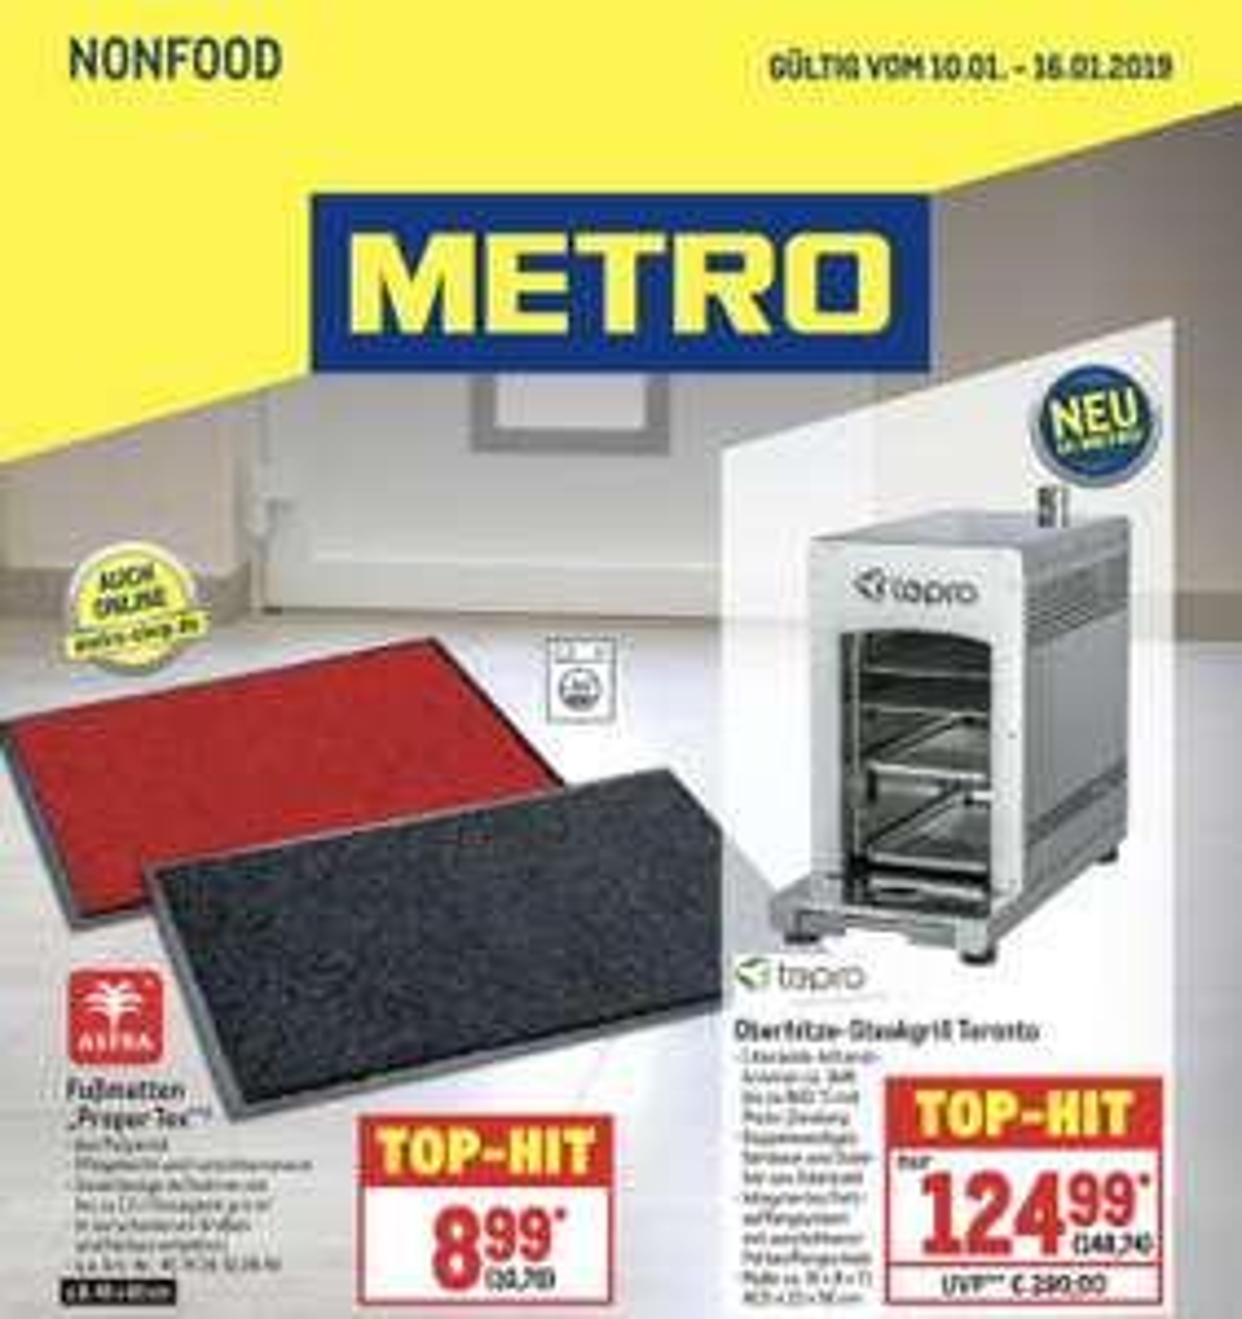 Tepro Toronto Oberhitzegrill (wie Beefer) für ~149€ bei Metro (10.01.-16.01.)